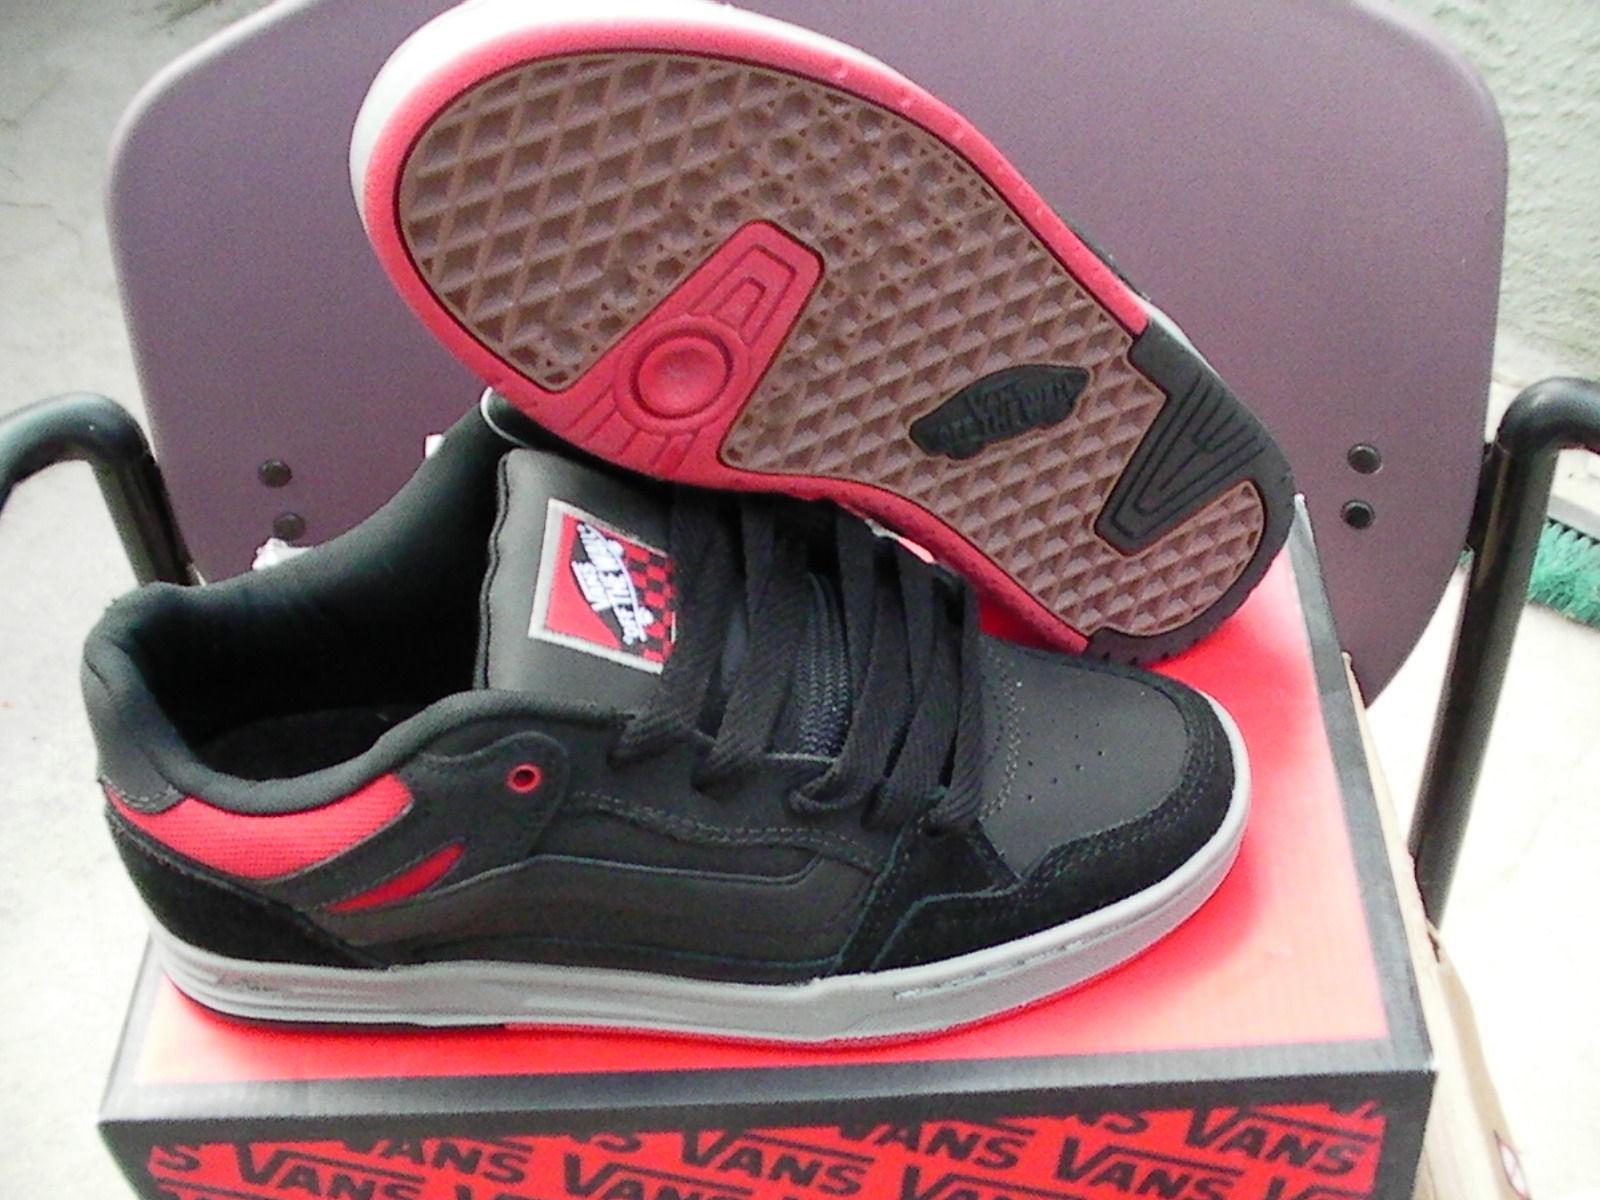 5ec7dc1ea2 Vans shoes desurgent black red grey size 9.5 and 50 similar items